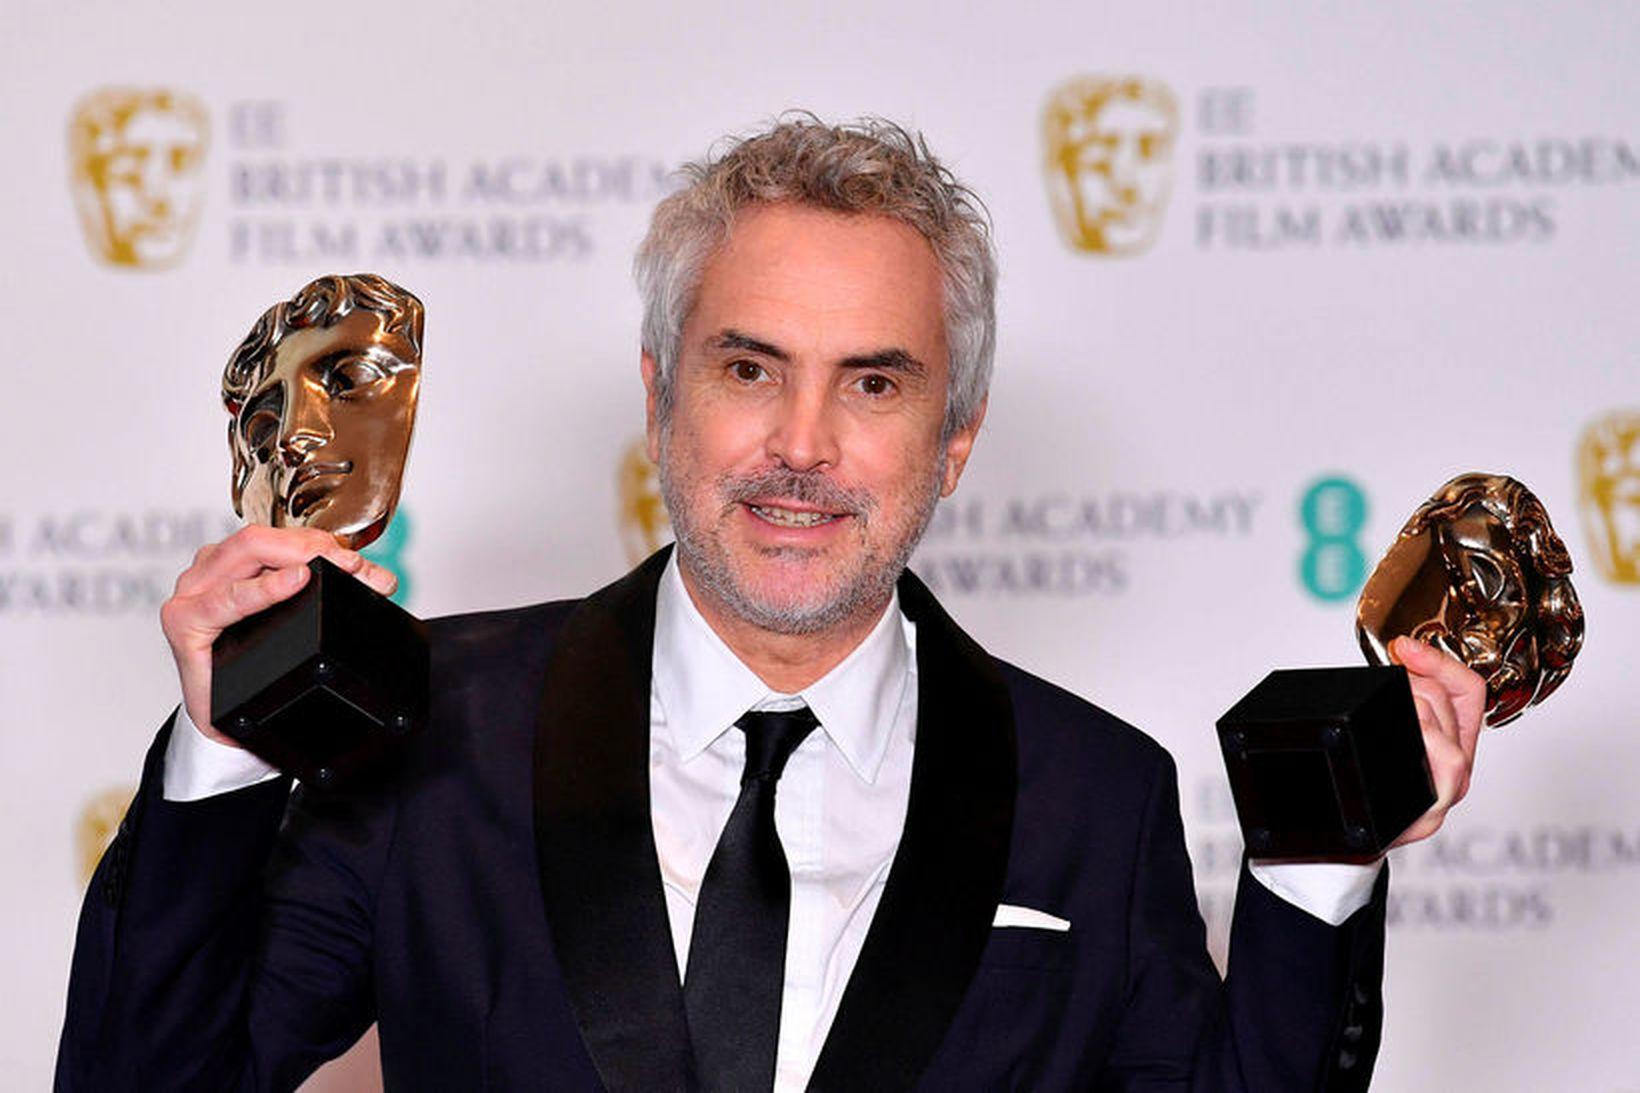 Mexíkóski leikstjórinn Alfonso Cuaron var valinn sá besti og kvikmynd …